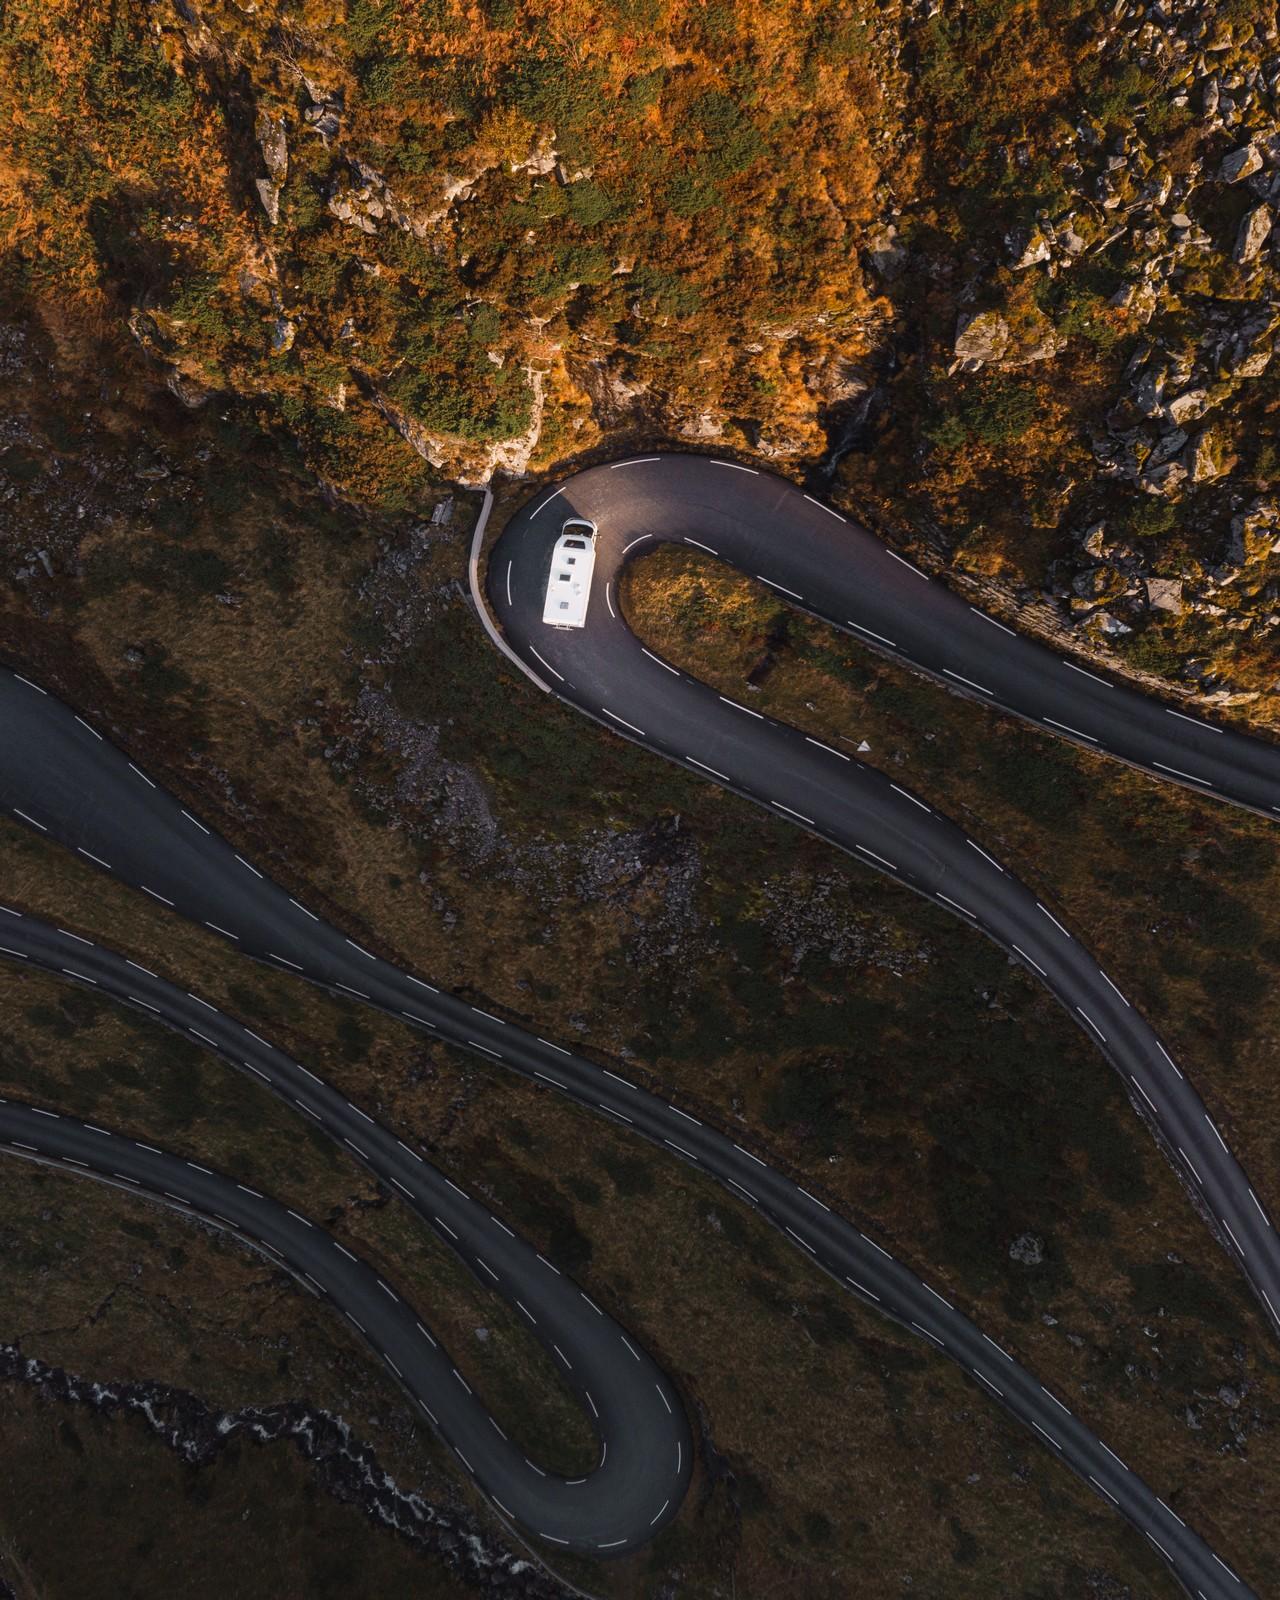 Norjan mutkikkaat tiet toivat matkaan jännitystä, mutta ketterällä Sunlightilla ajaminen oli helppoa.